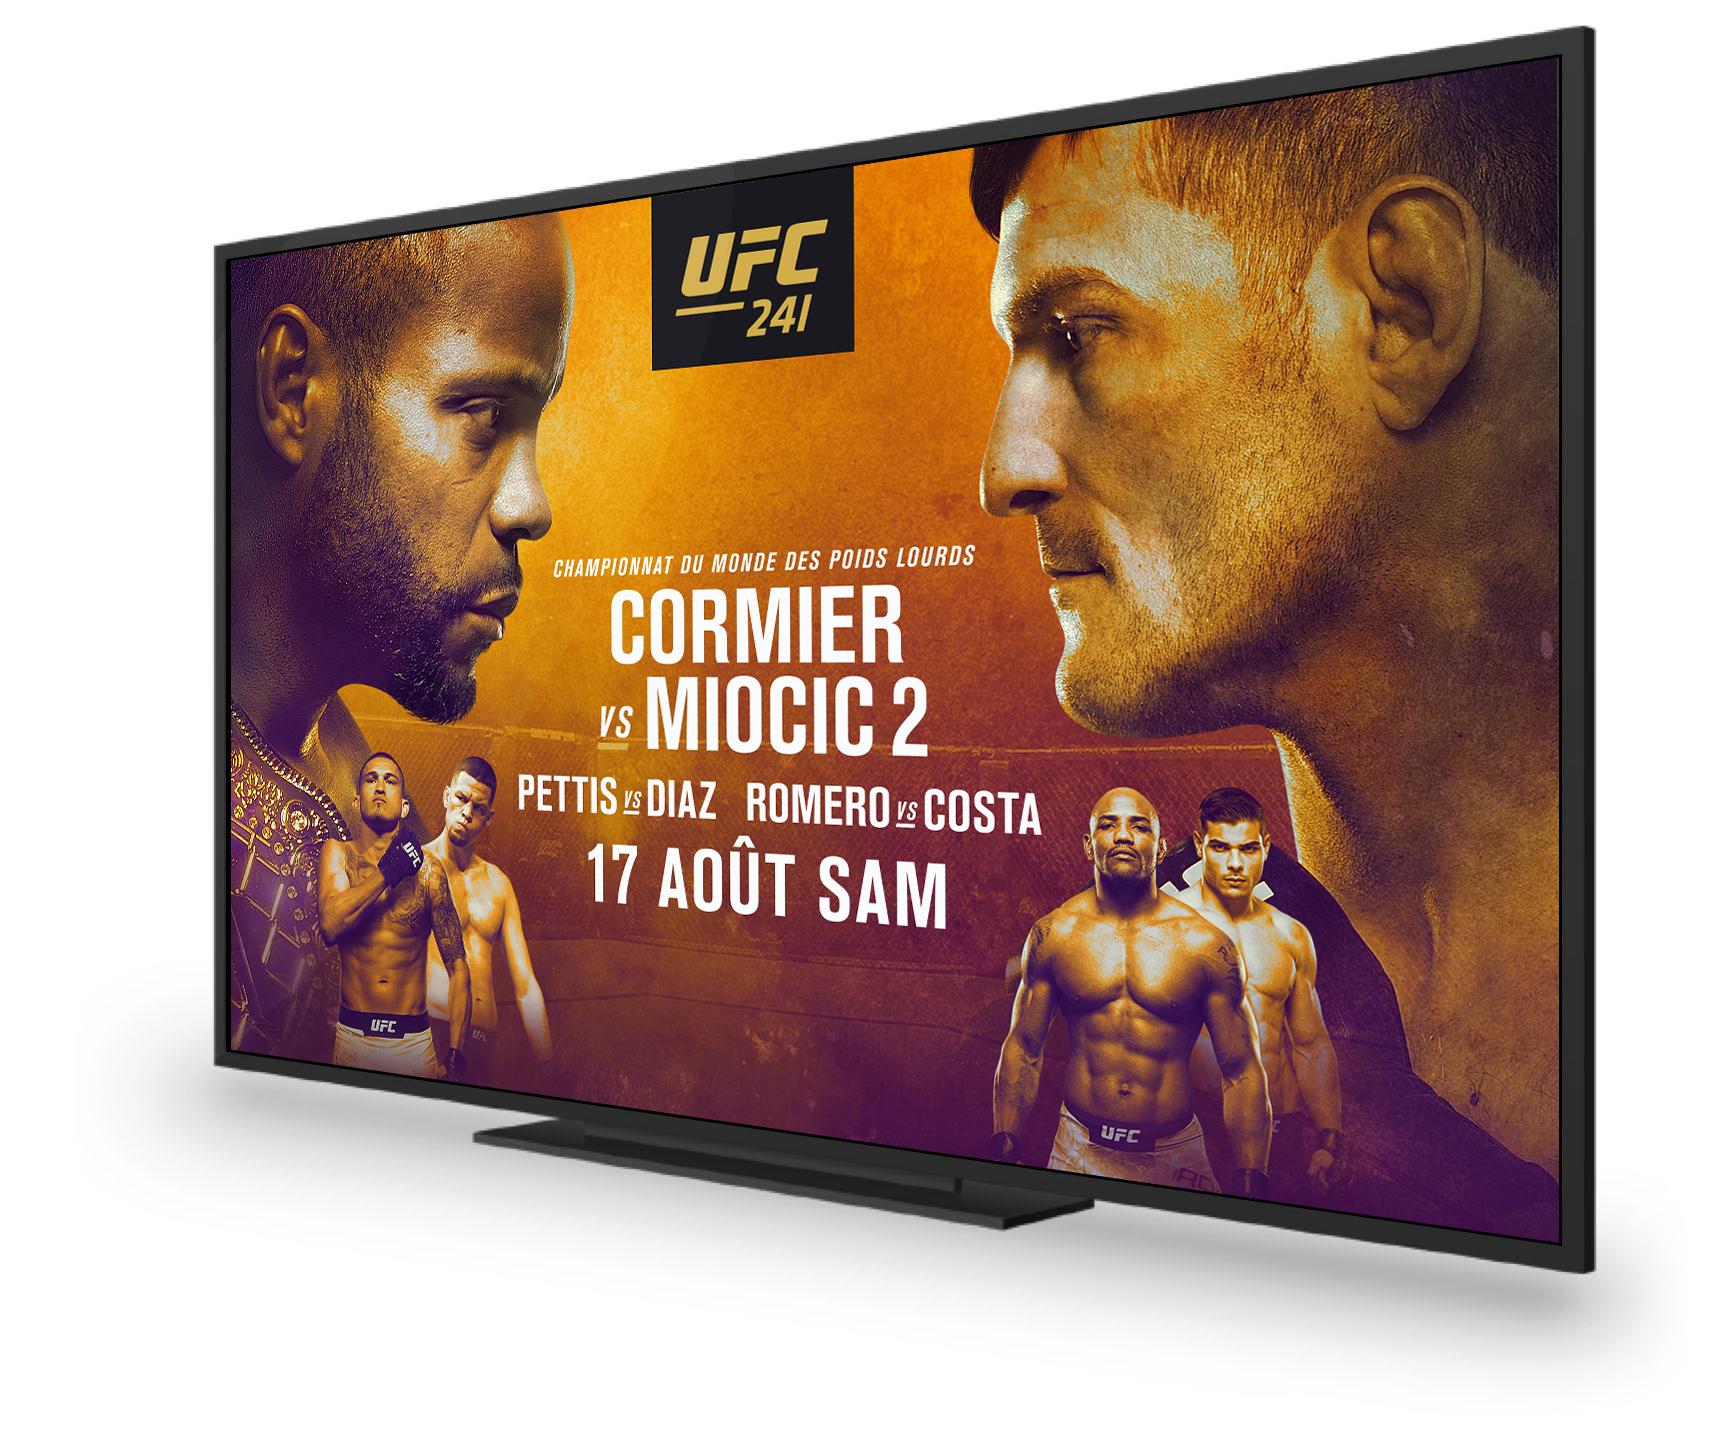 SD-UFC241-E-Spot_Footer-Fr-1736x1432